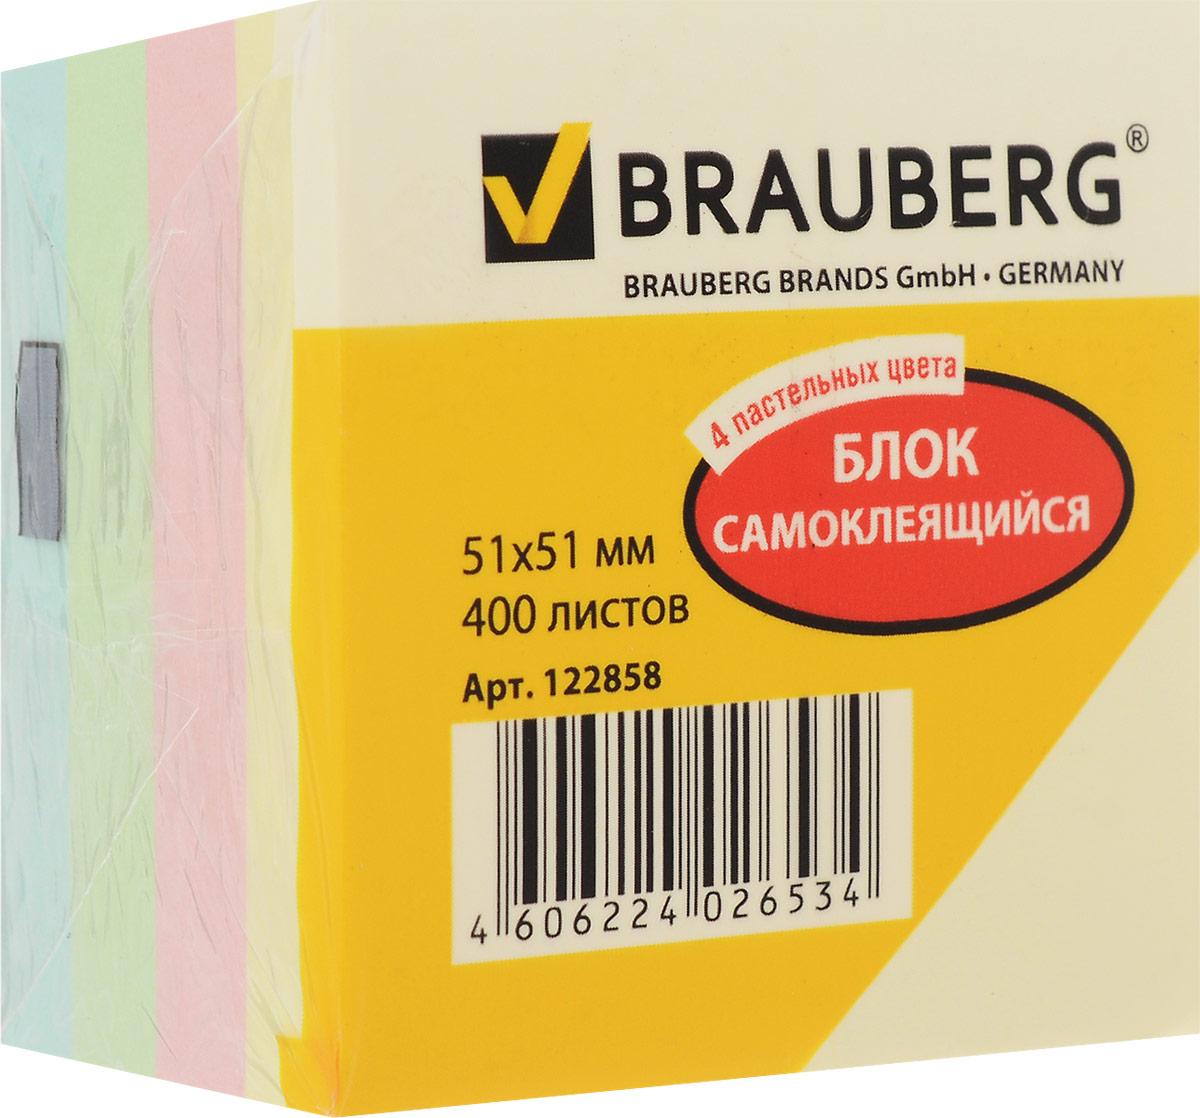 Brauberg Бумага для заметок с липким слоем 5,1 х 5,1 см 400 листов 4 цвета122858Бумага для заметок с клейким краем в виде куба.Различные оттенки бумаги сделают записи более яркими и привлекательными.